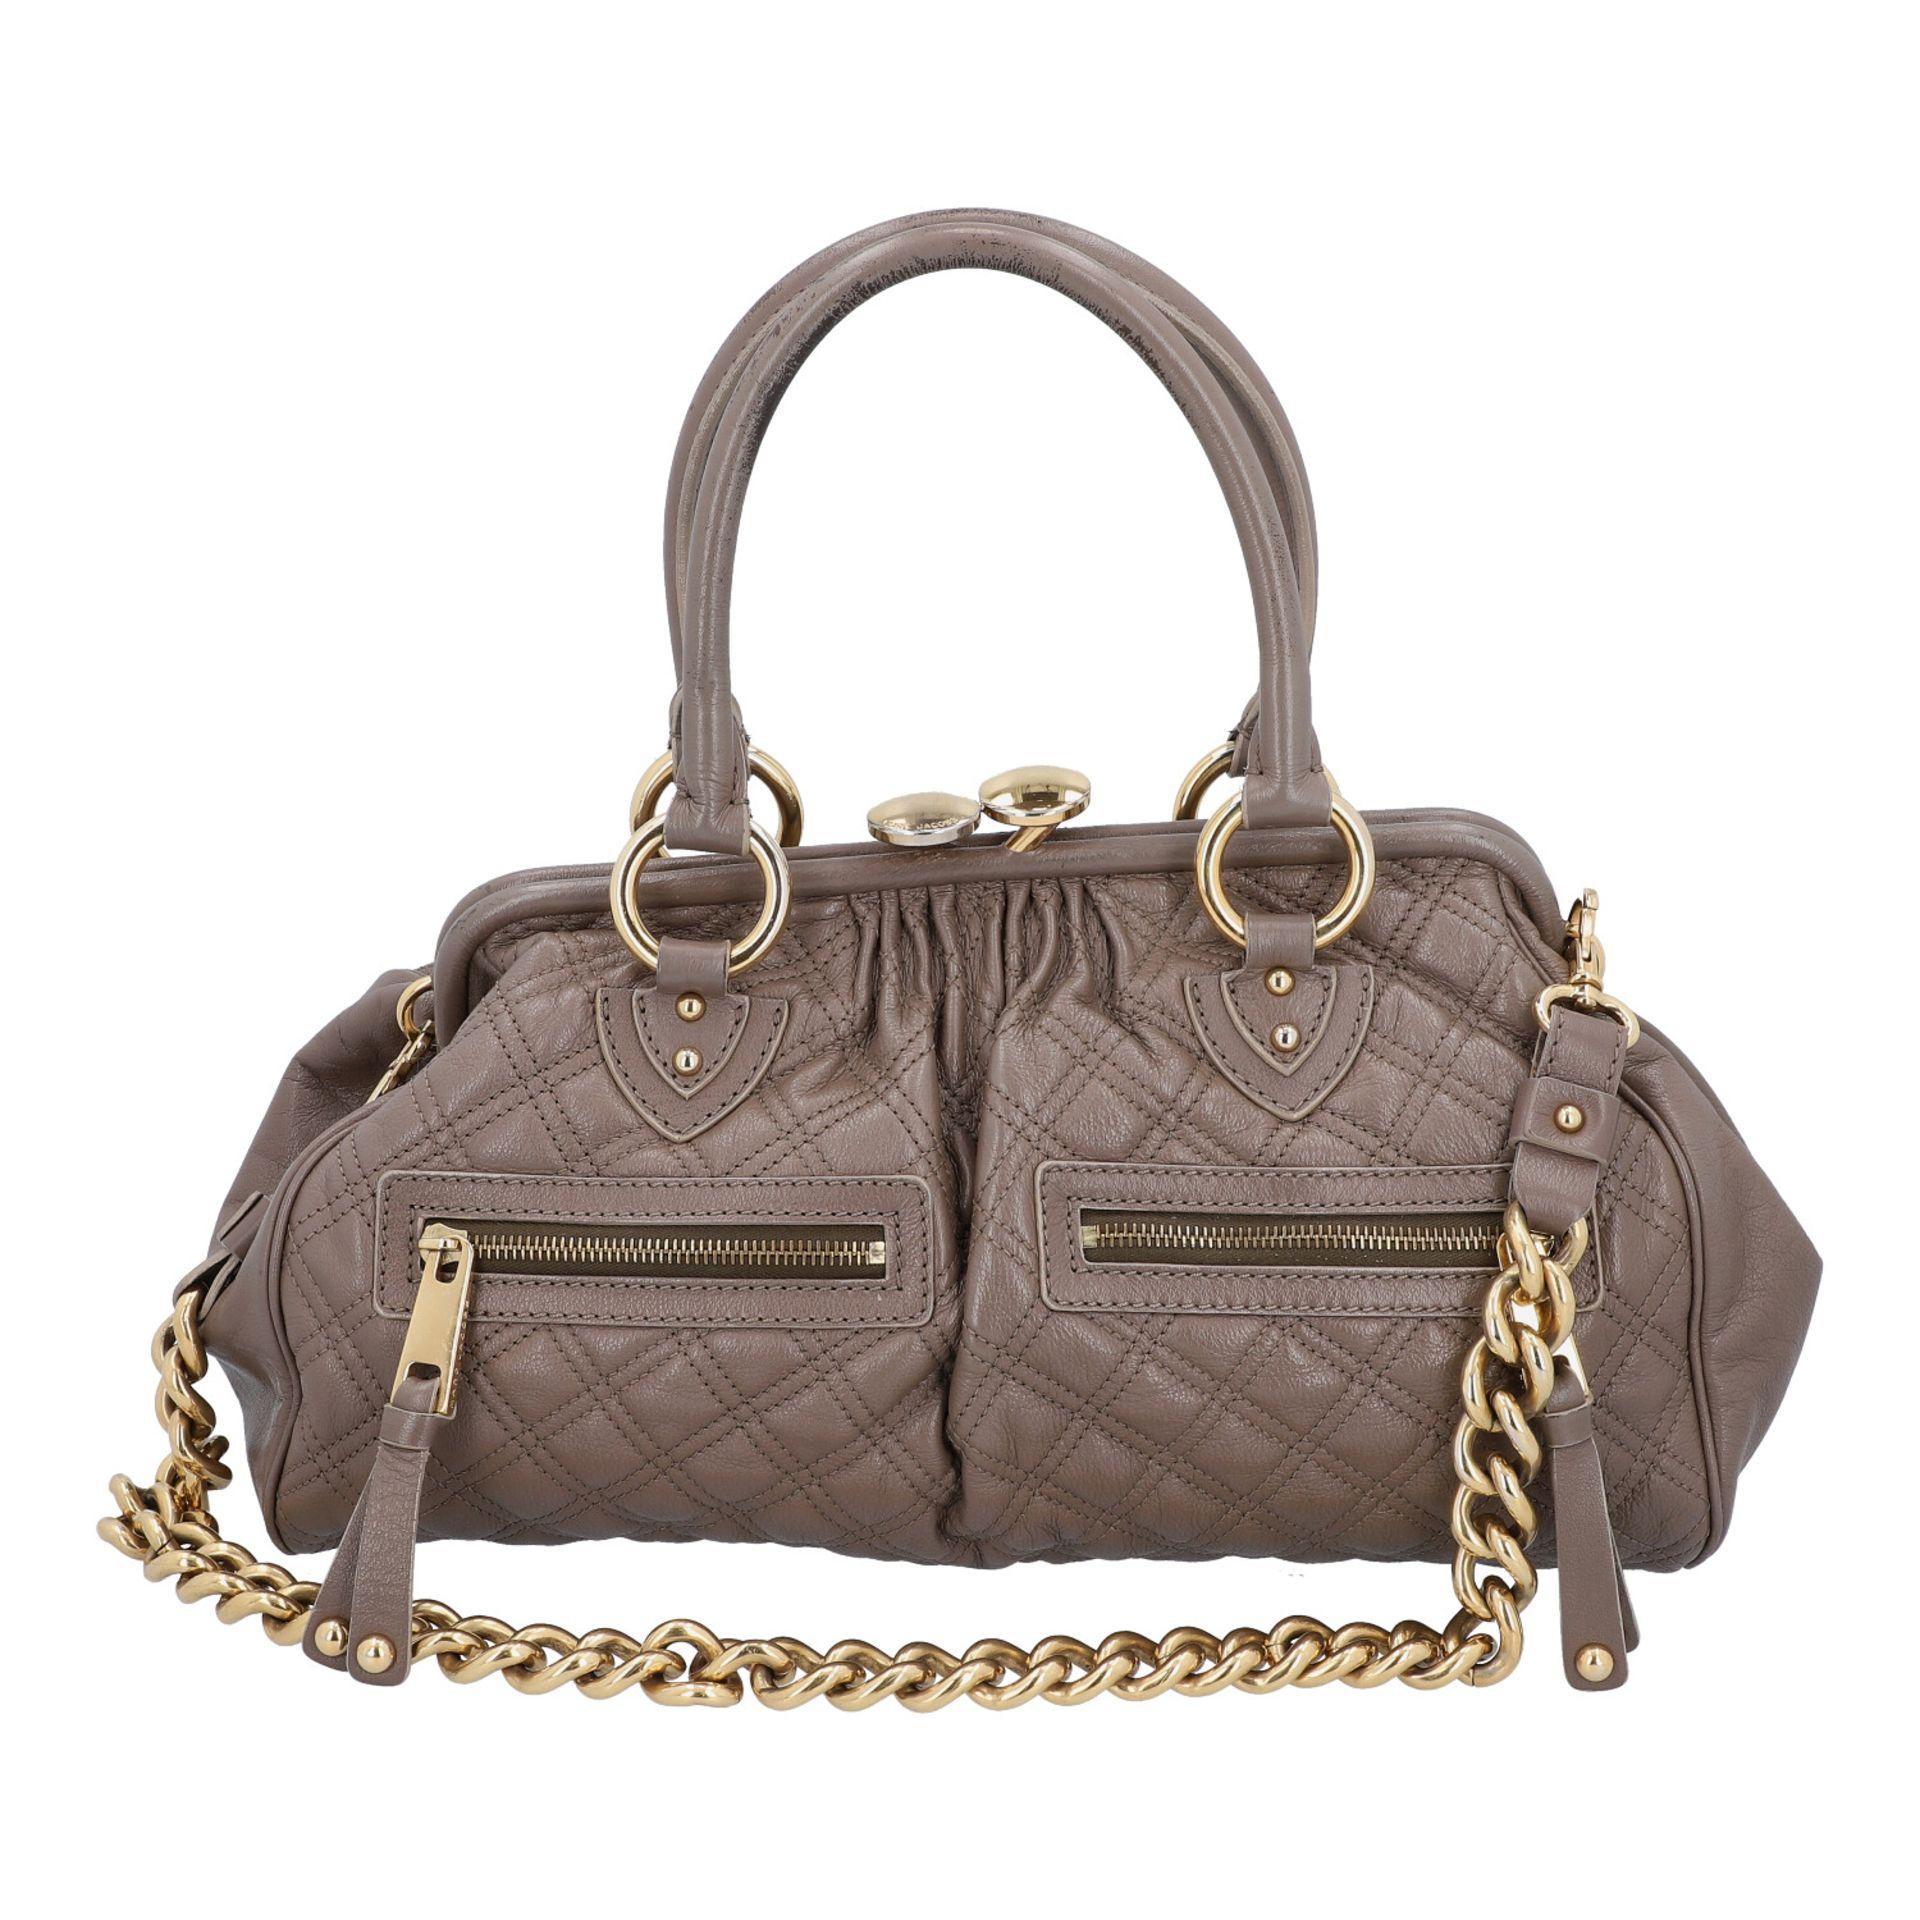 MARC JACOBS Handtasche. Leder in Elefantengrau mit goldfarbener Hardware und Rautenste